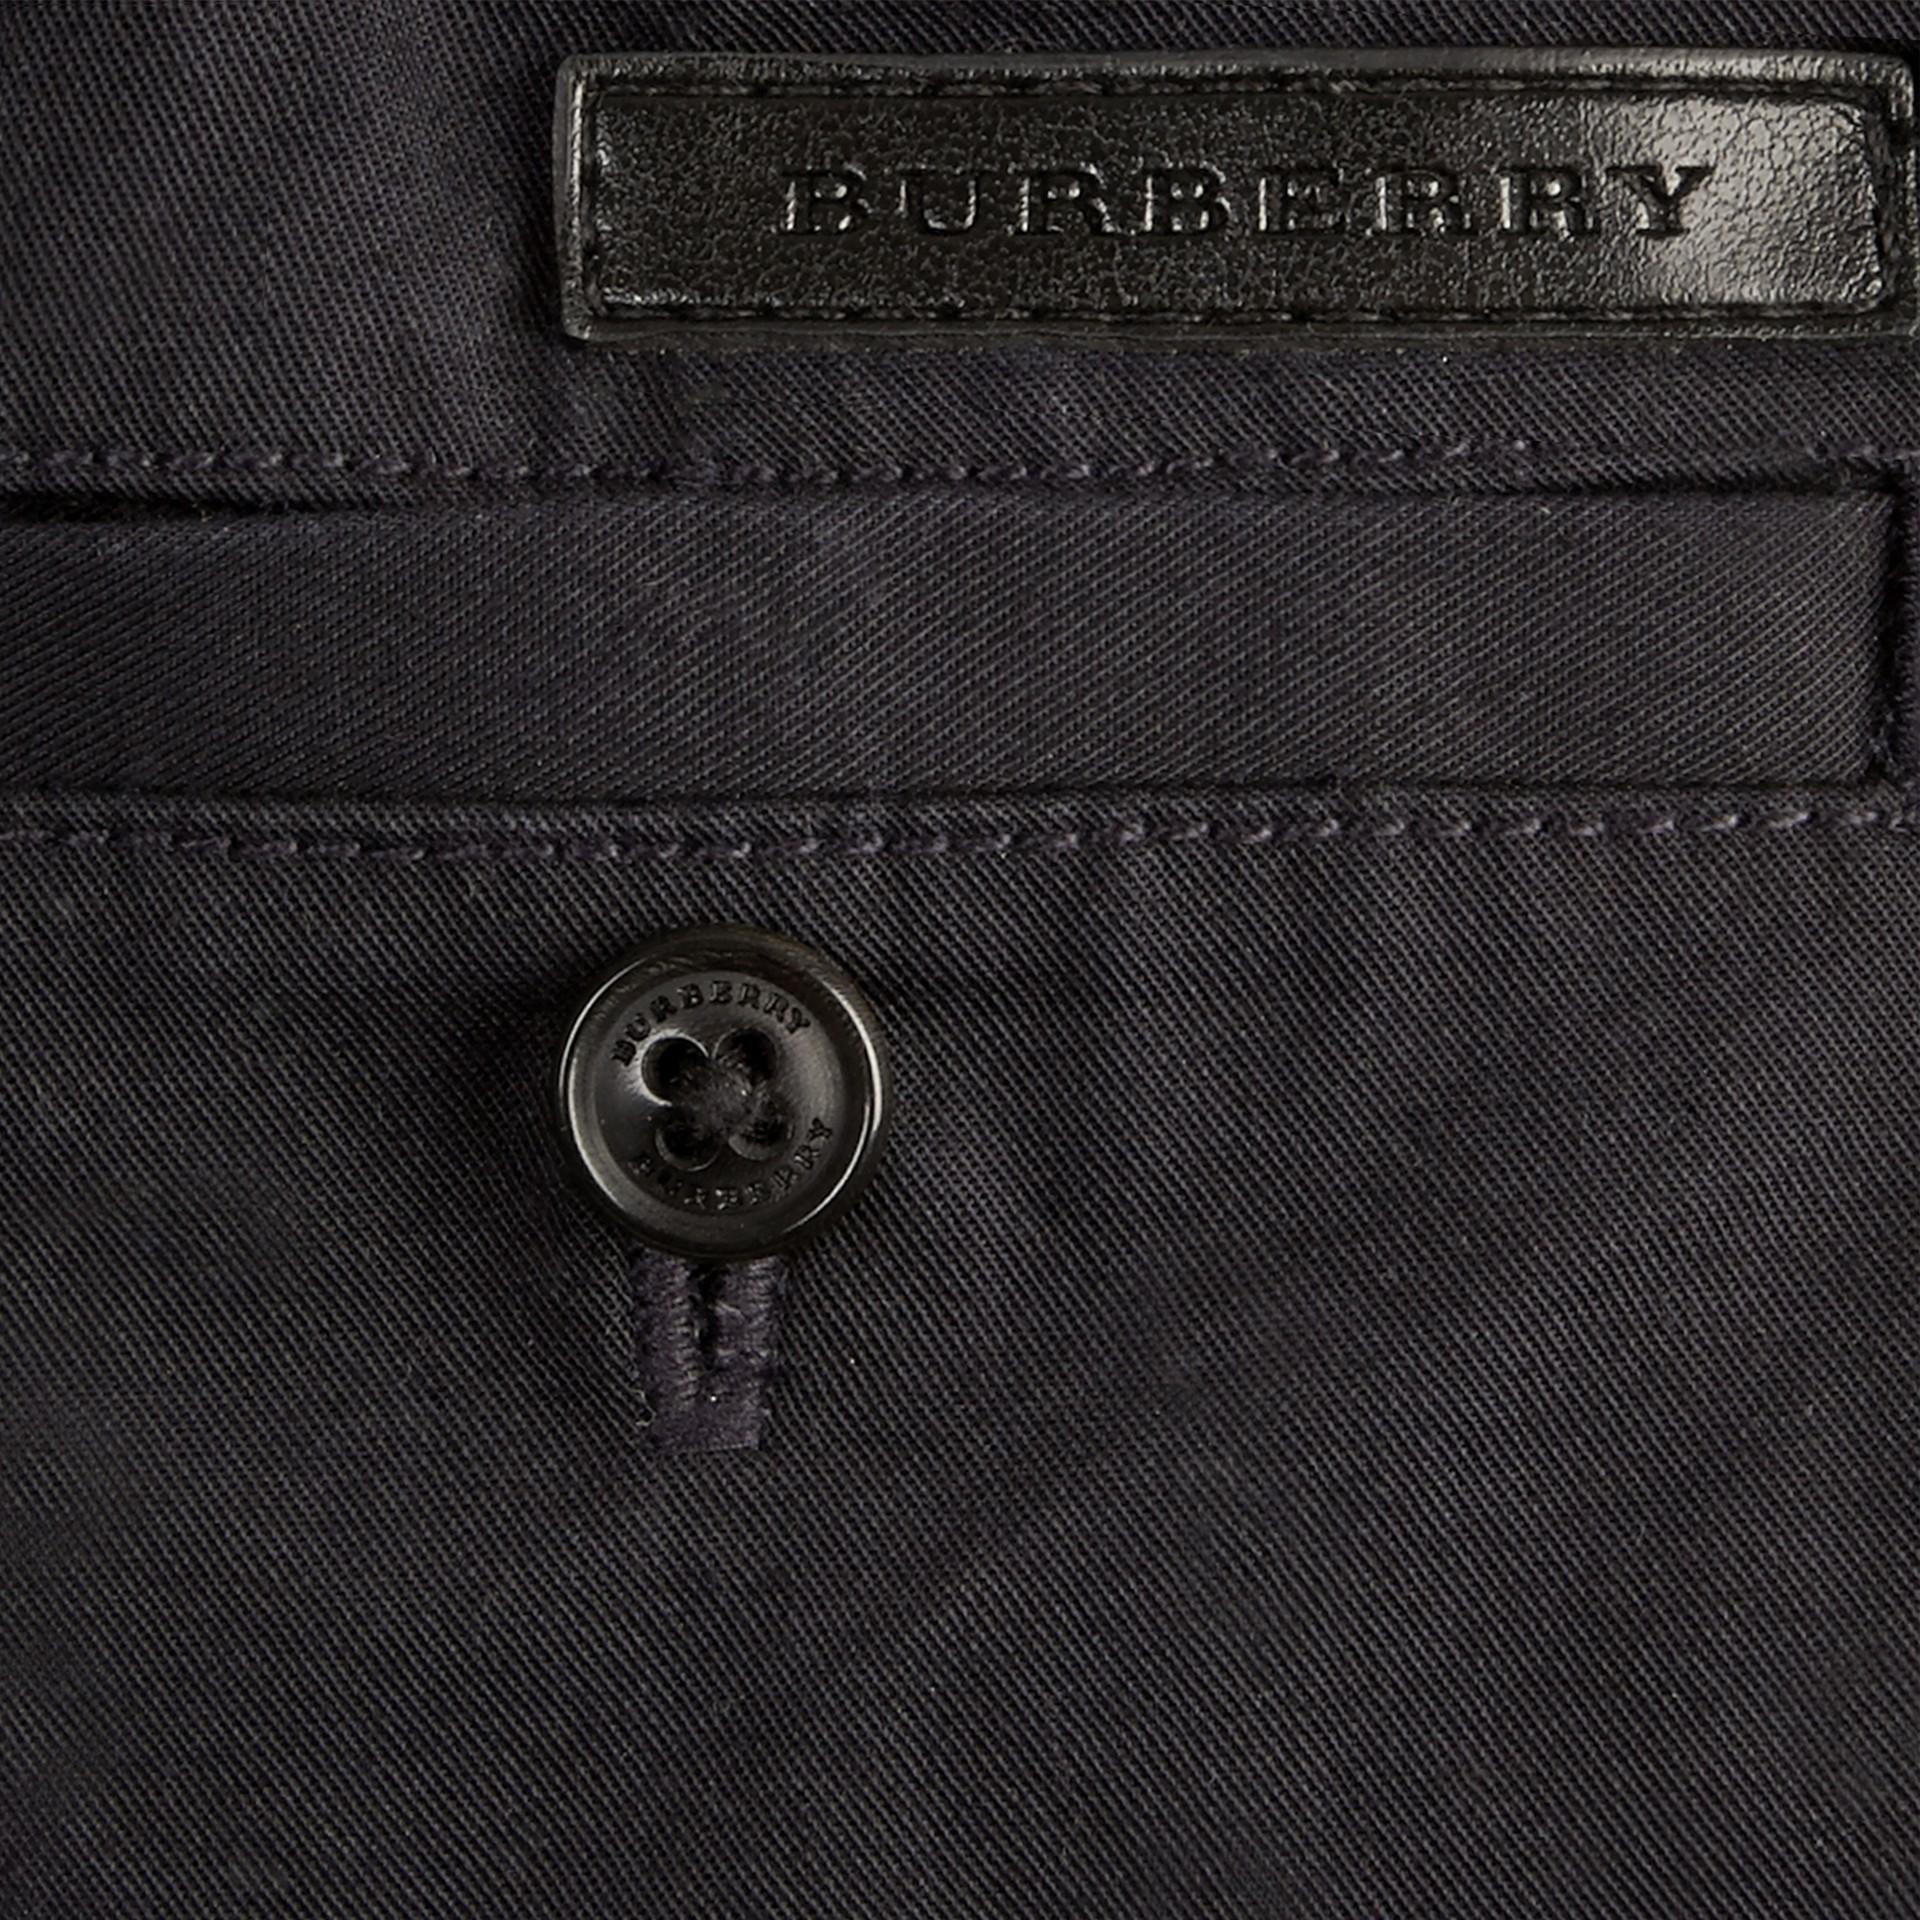 Inchiostro Pantaloncini chino in cotone con dettagli check Inchiostro - immagine della galleria 2